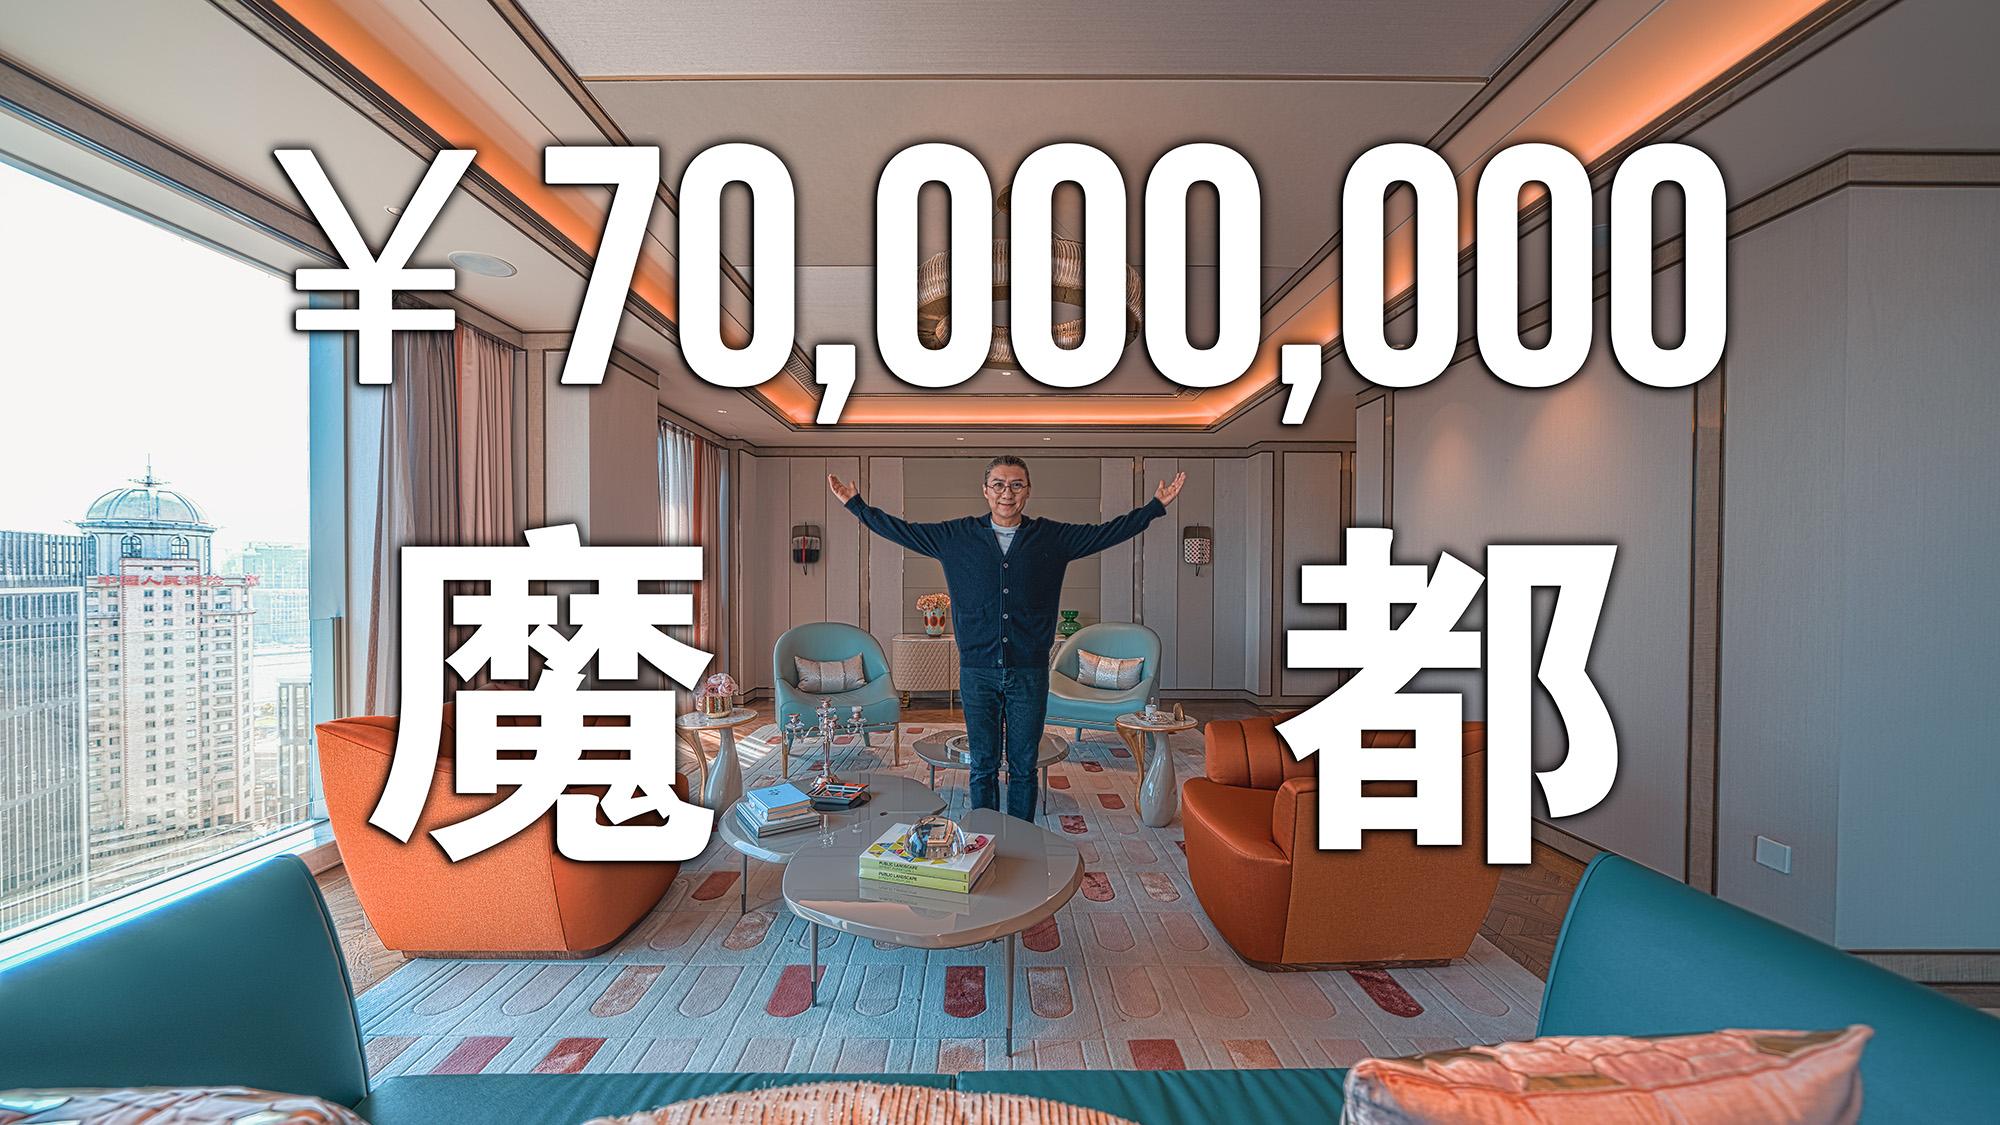 魔都7000万豪宅,每平米20多万到底长什么样